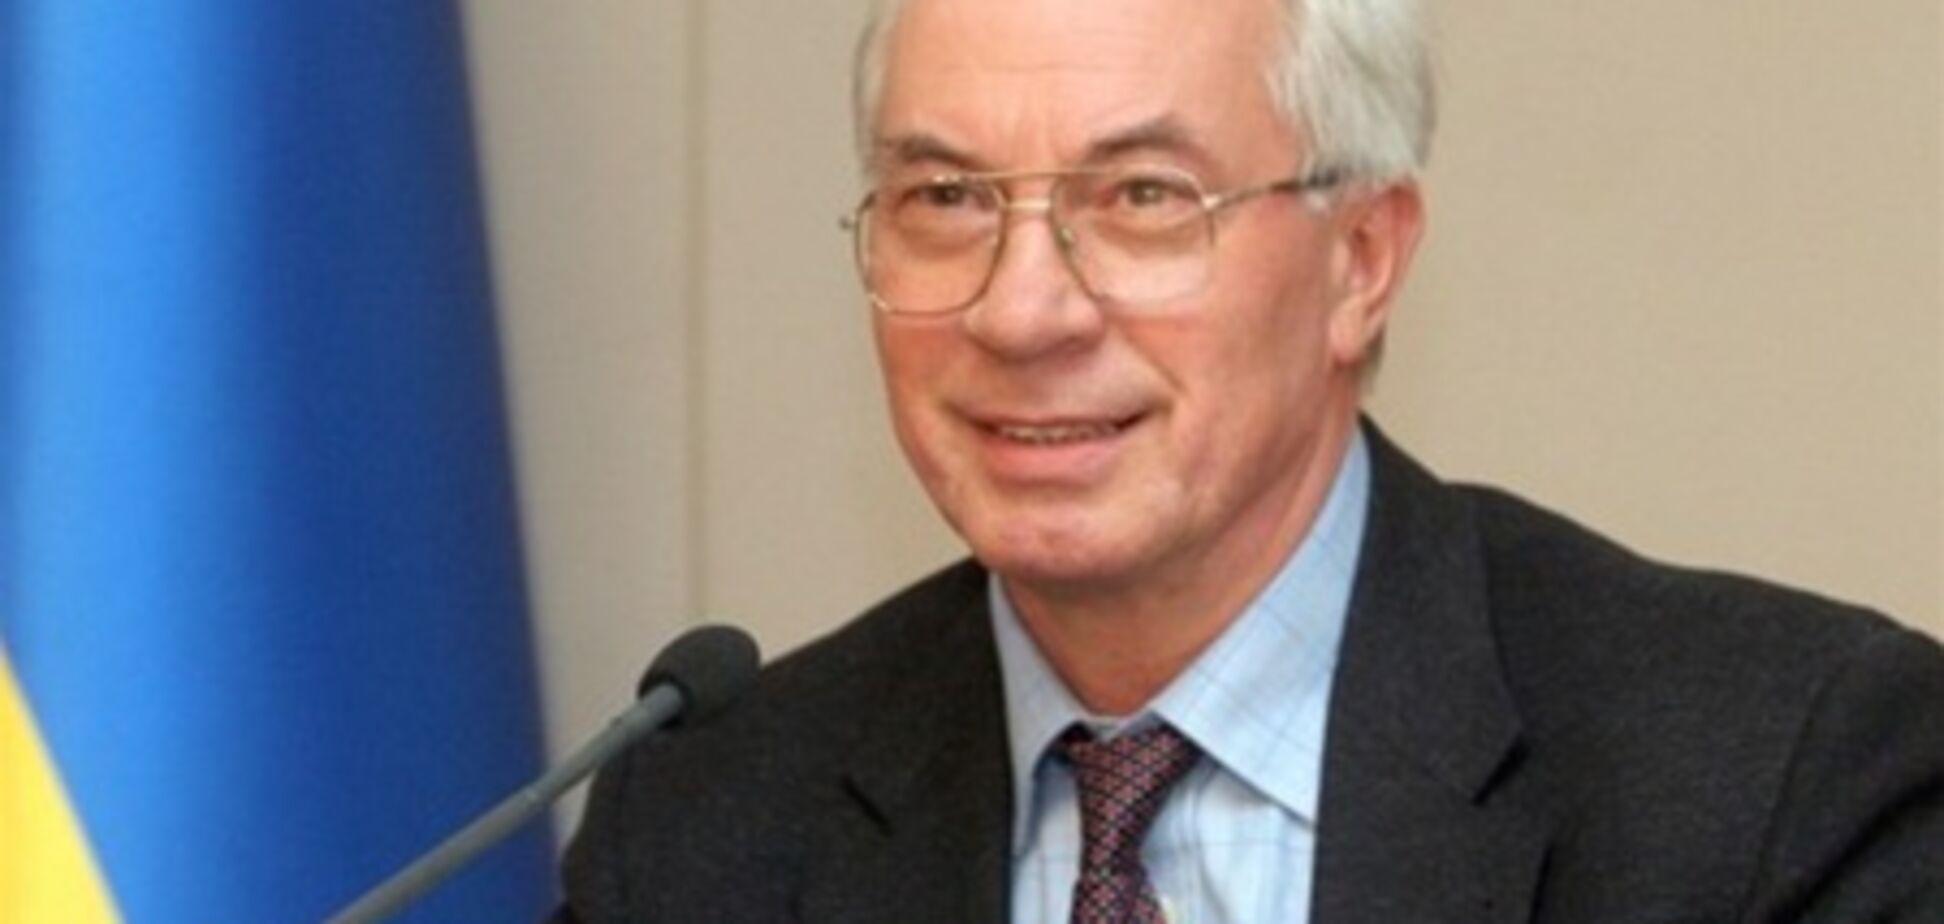 Азаров поручил повысить зарплаты бюджетникам с 1 сентября 2011 года